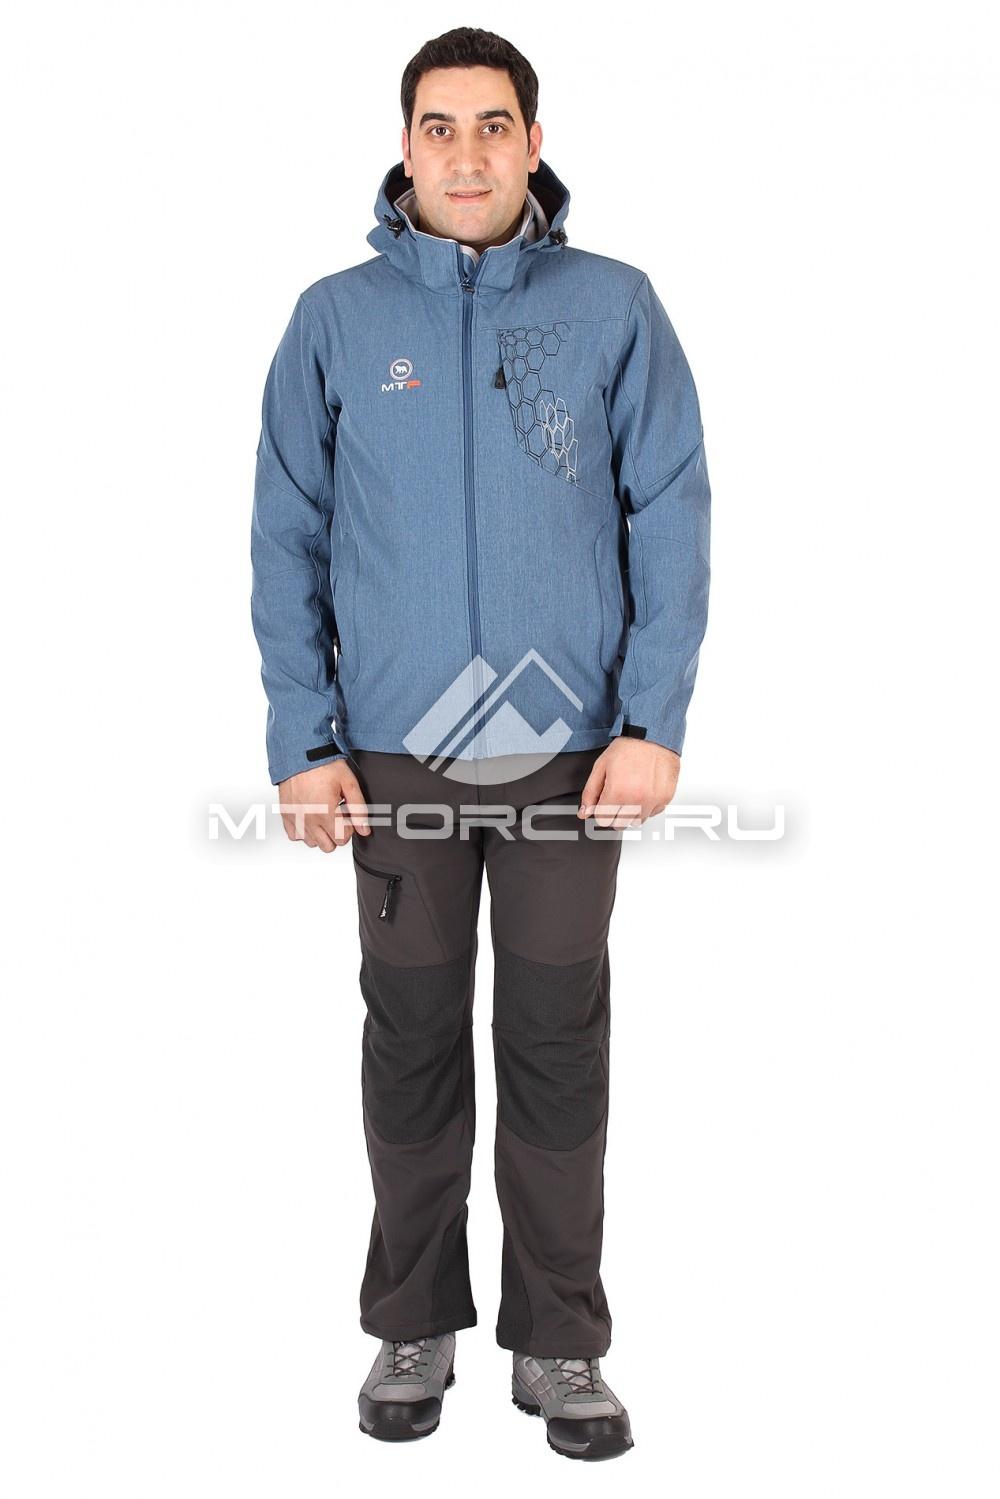 Купить оптом Костюм виндстопер мужской синего цвета 1502S